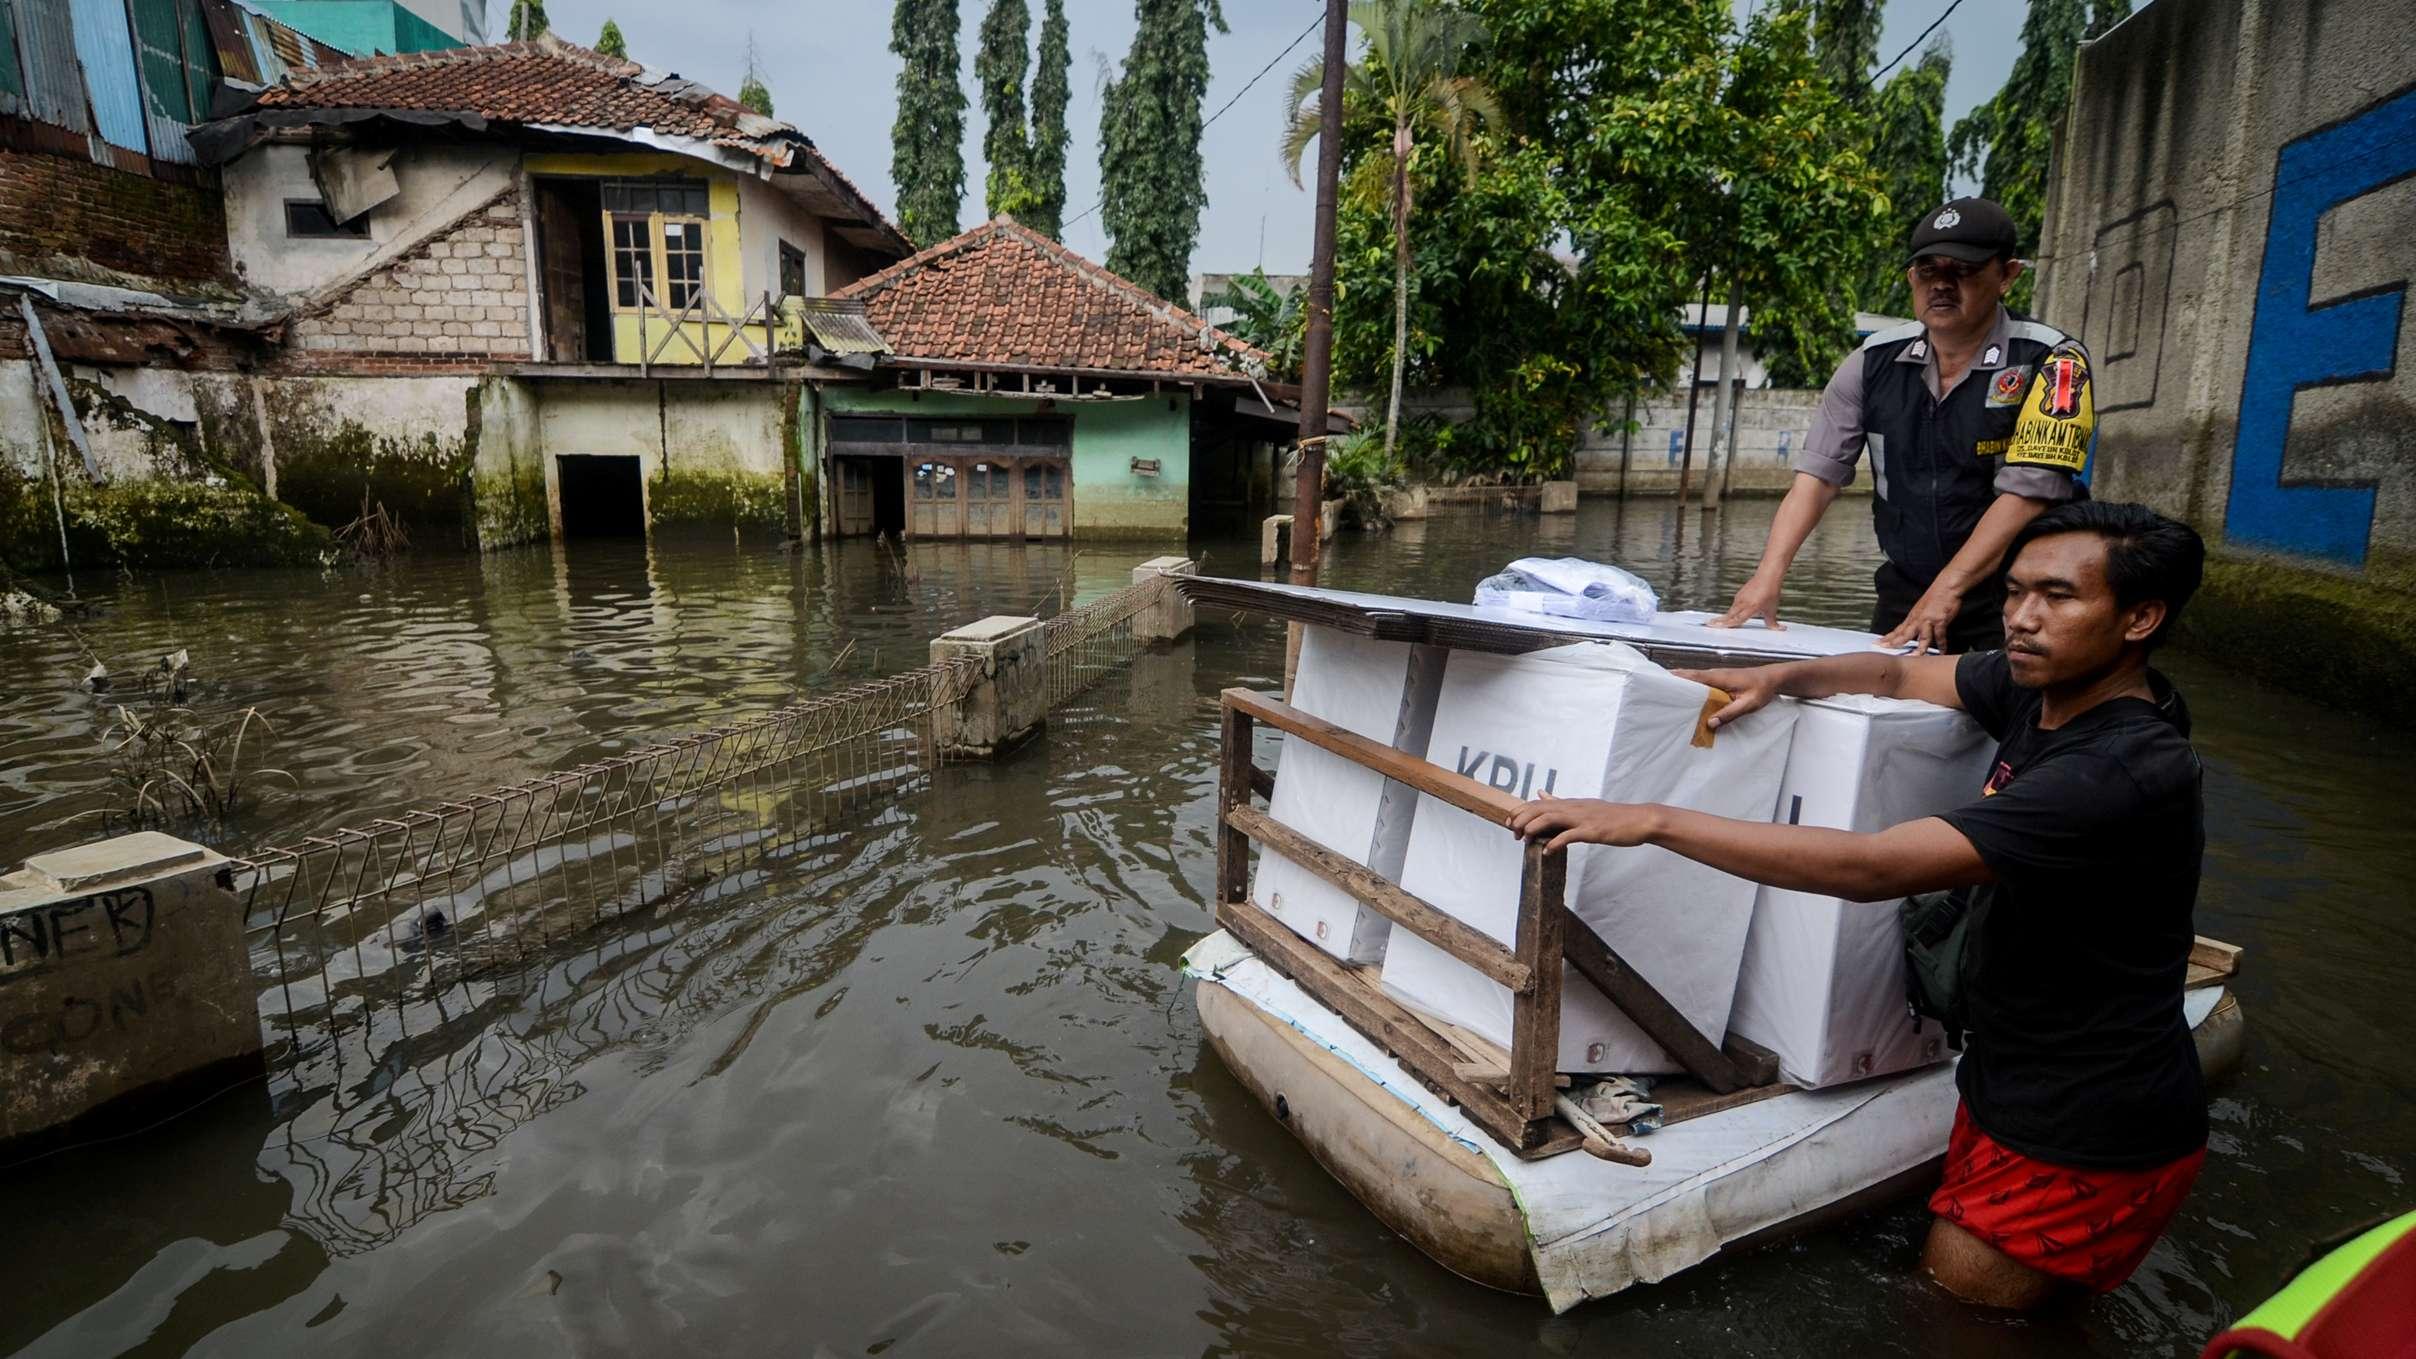 Ein Wahlhelfer und ein Beamter versuchen Wahlurnen zu transportieren